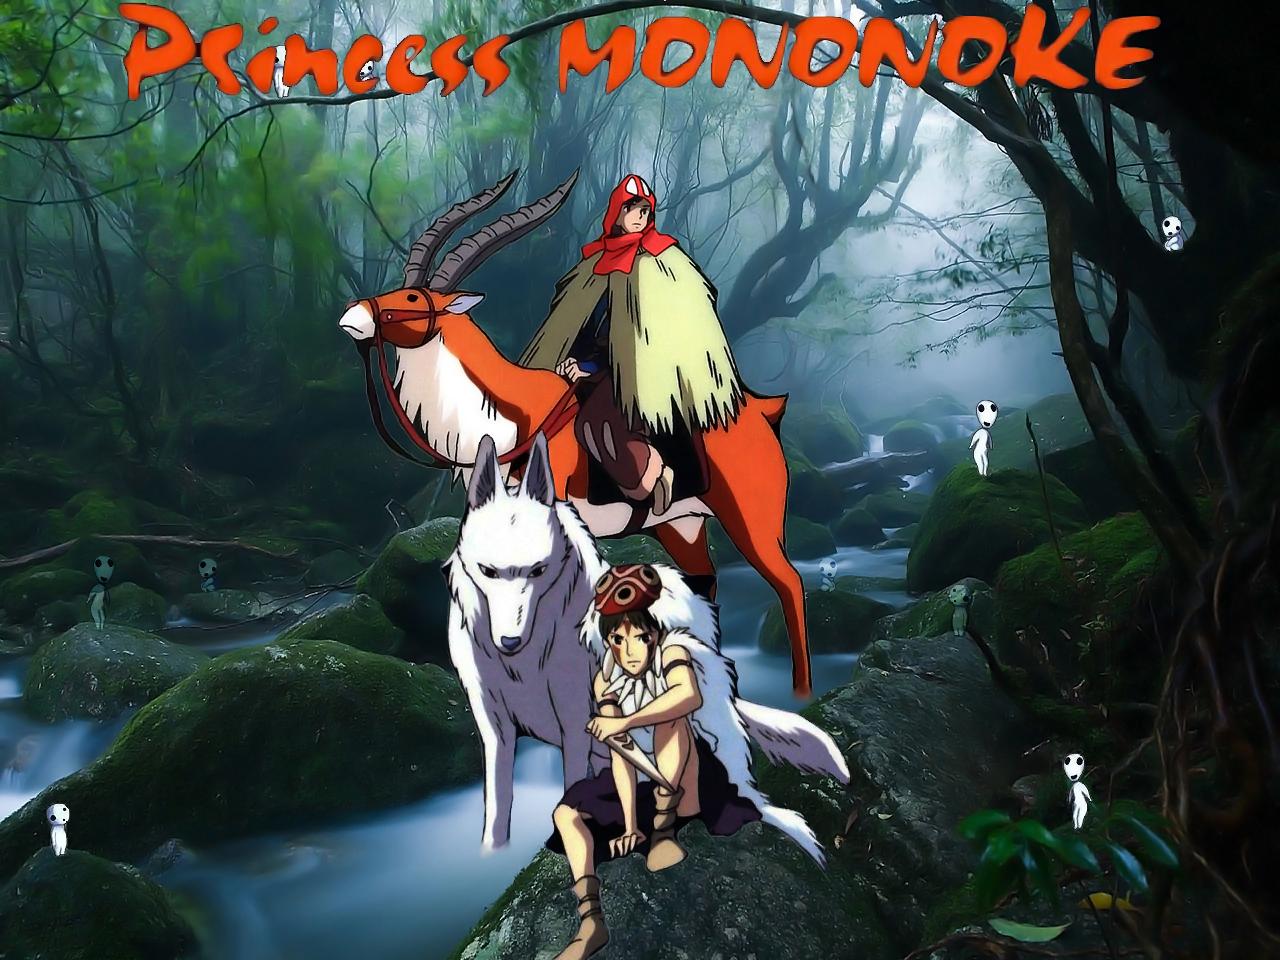 Princess Mononoke Wallpaper By Swfan1977 On Deviantart